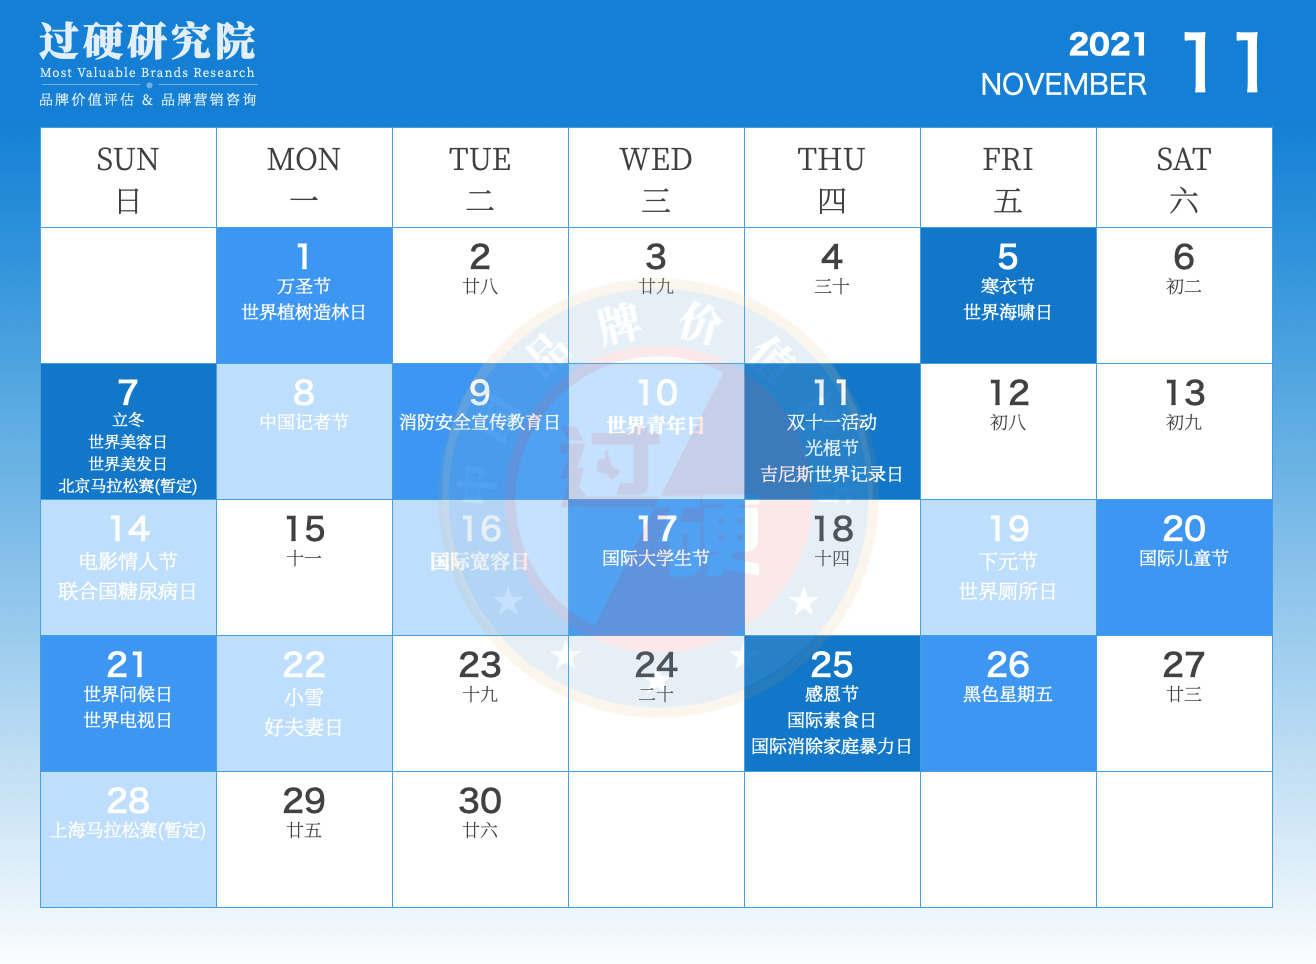 过硬2021年11月营销日历